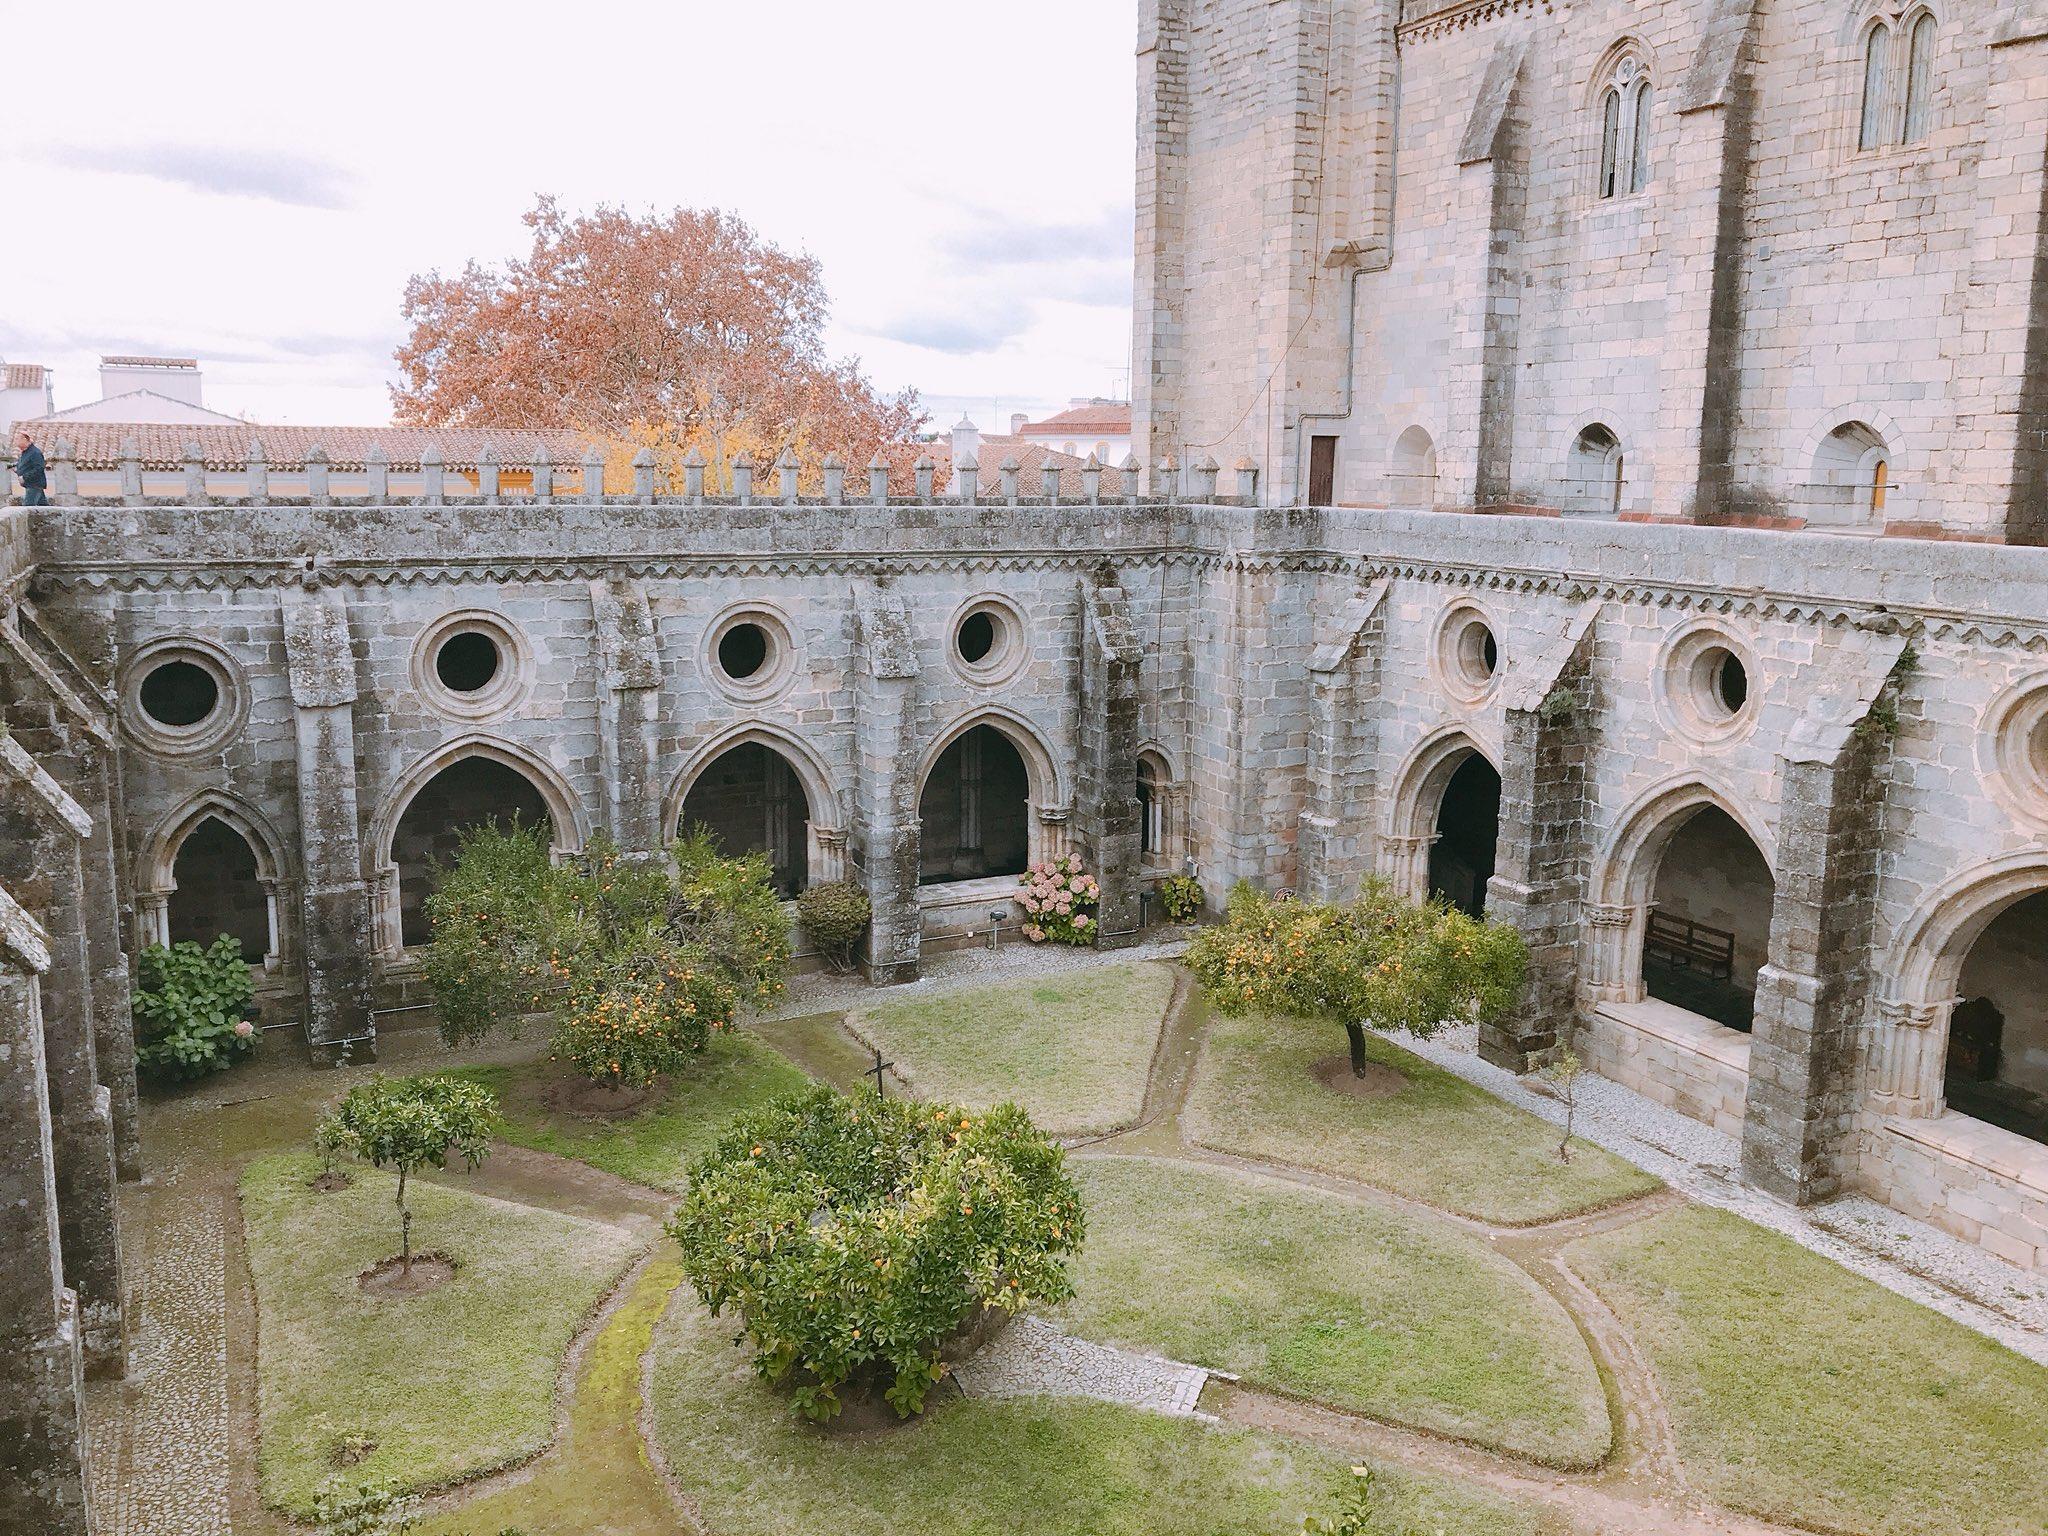 La catedral de #Évora tiene uno de los claustros más bellos de Portugal https://t.co/tg7NaramAv